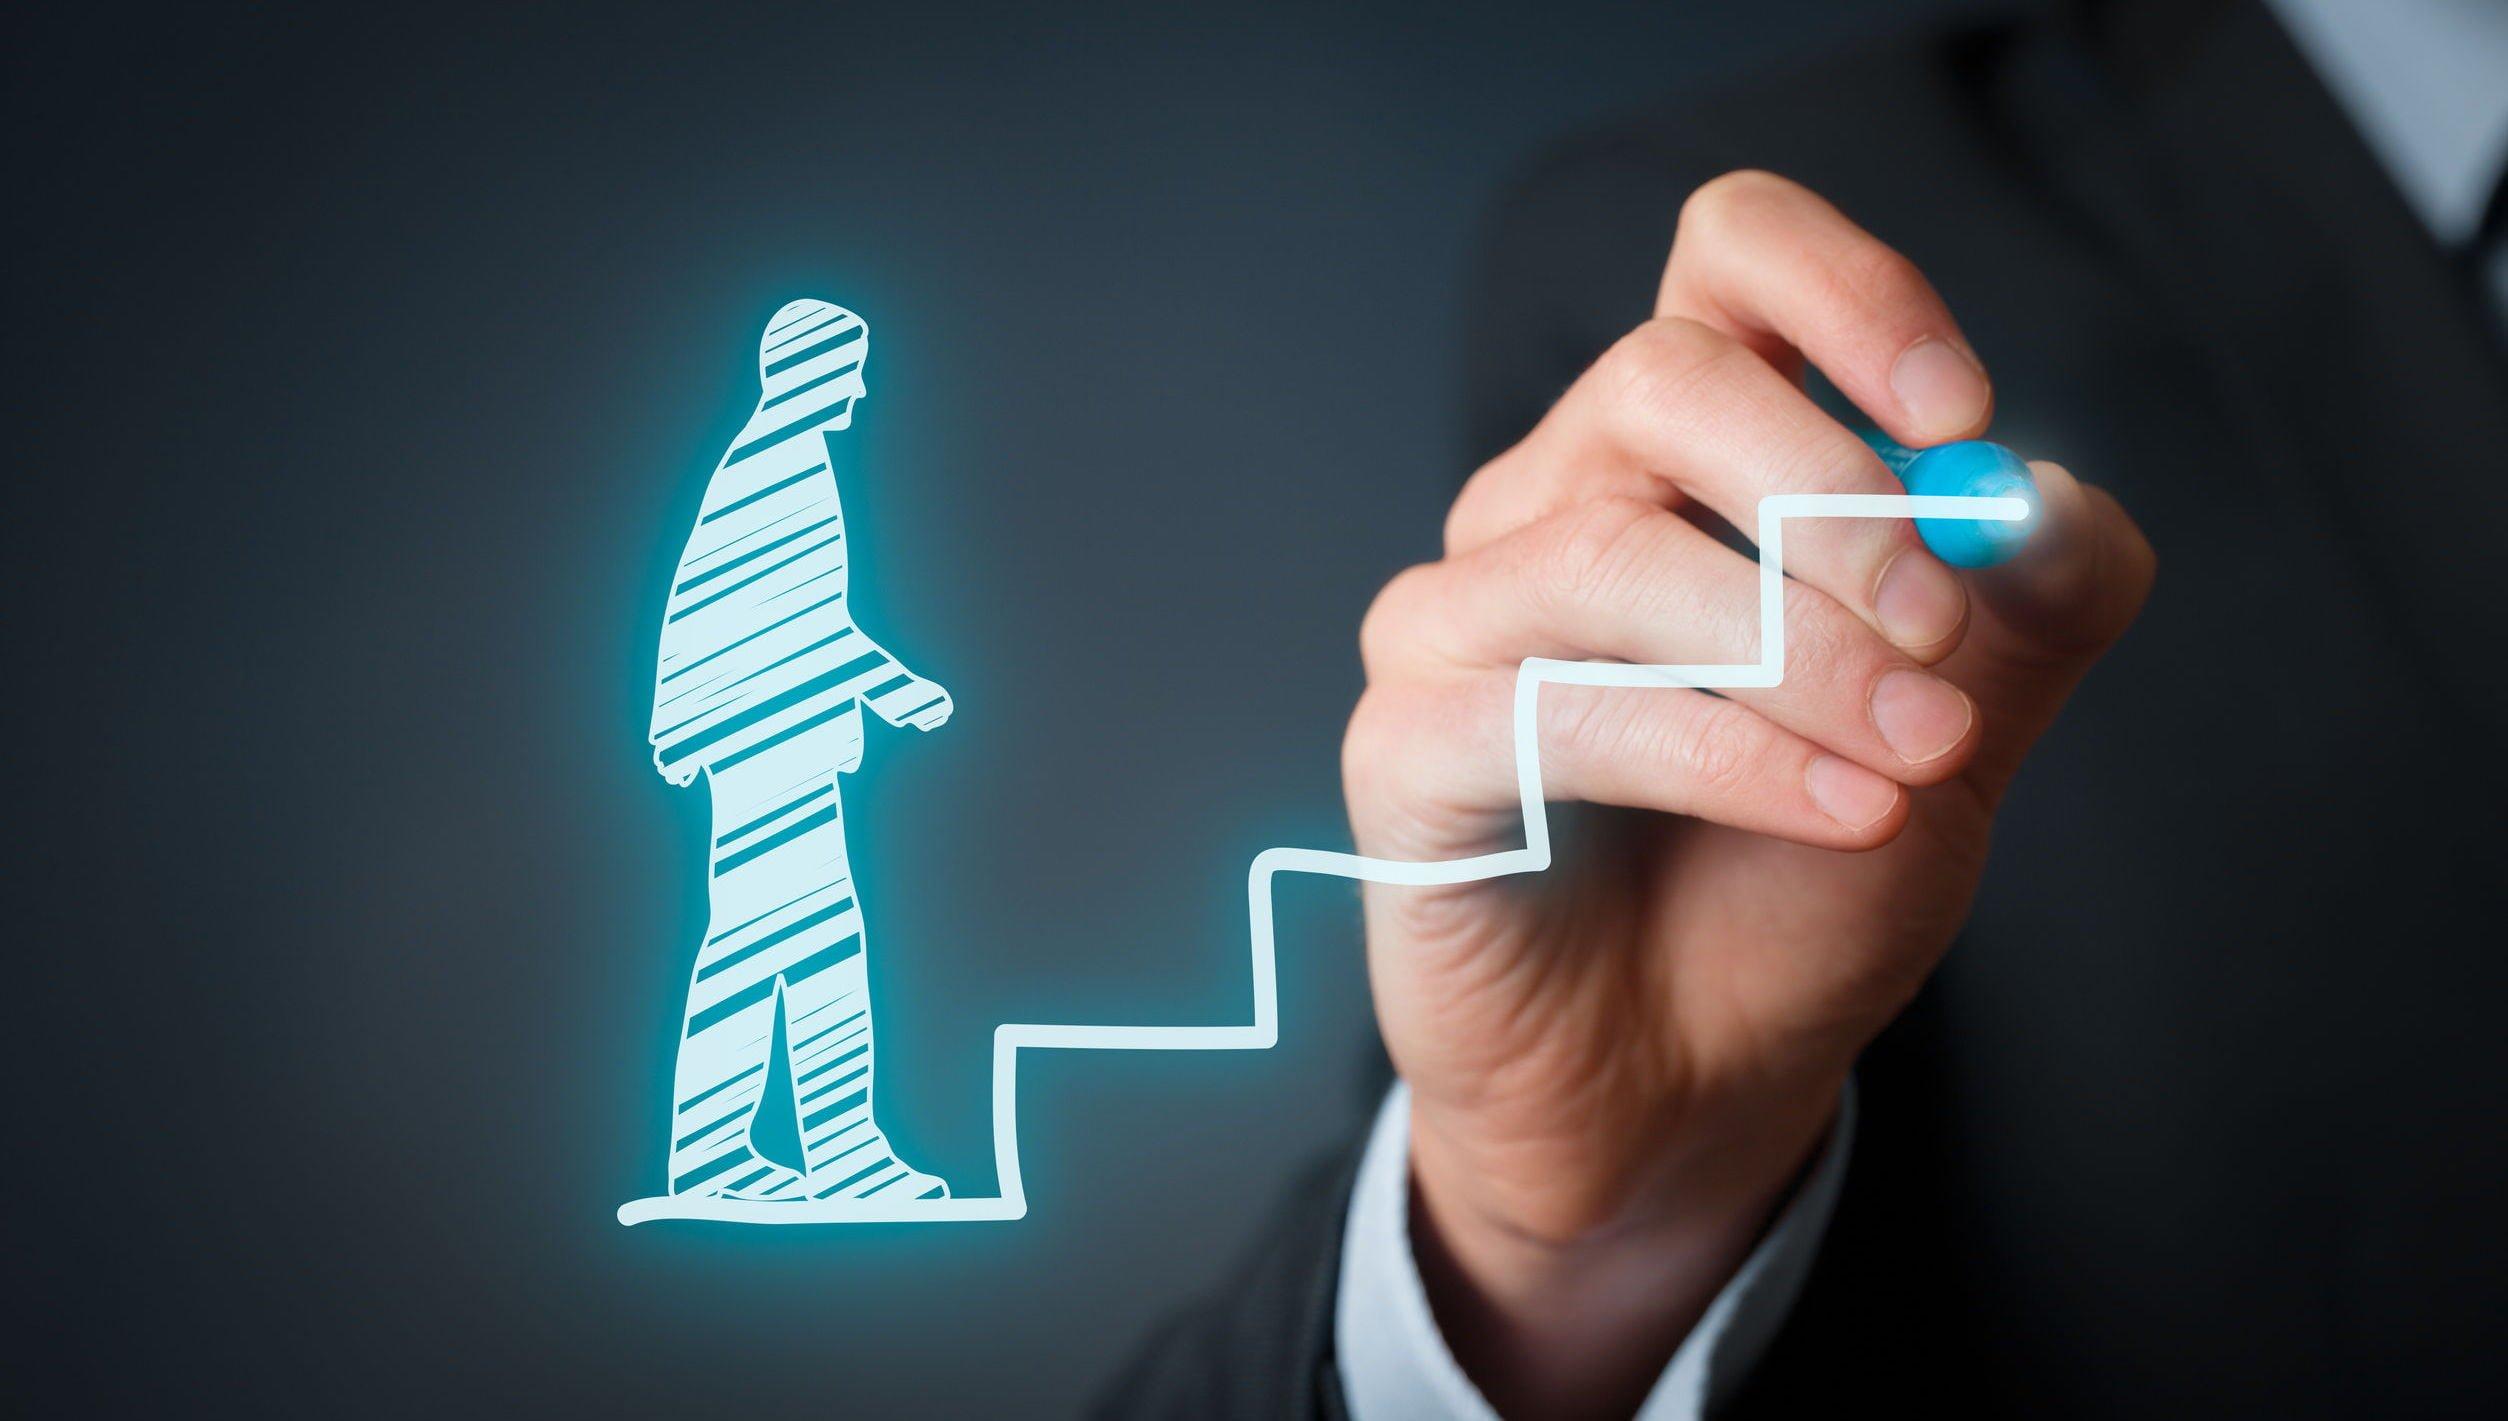 """自我完善文化的重点是""""创业精神"""",变得可以自力更生,并恢复传统的男性气概。"""